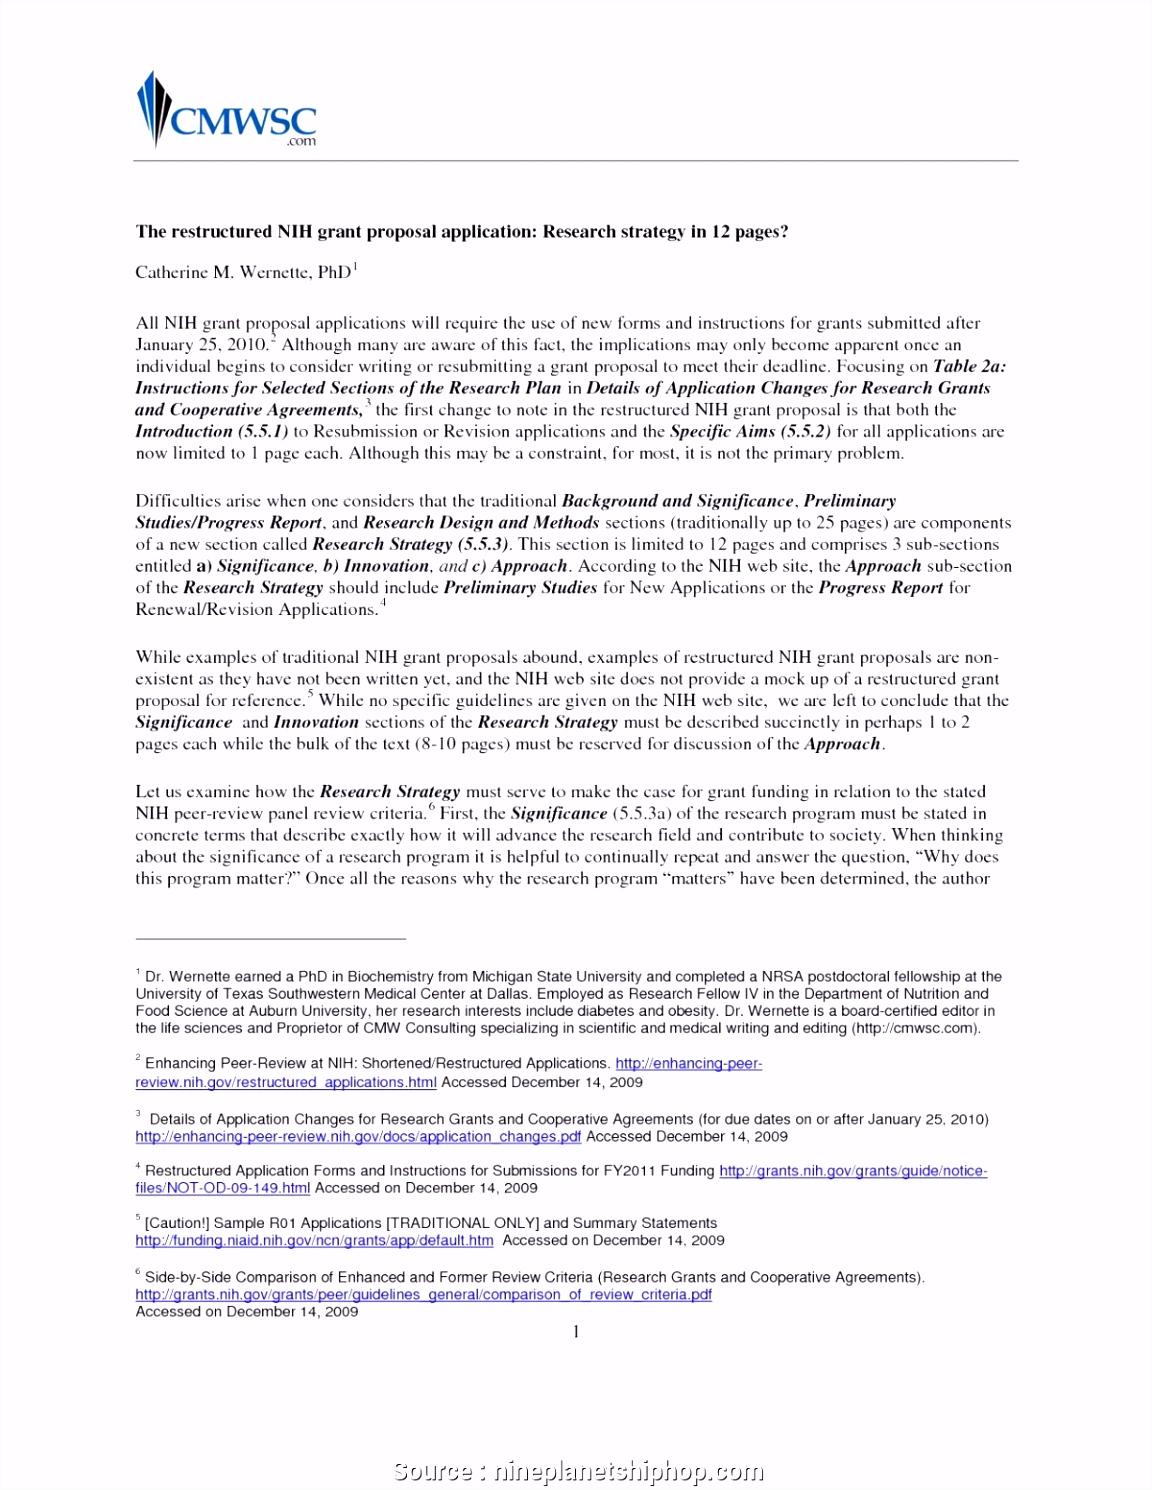 Beste paris Mietvertrag Kündigung Vorlage Kündigung Vorlagenidee